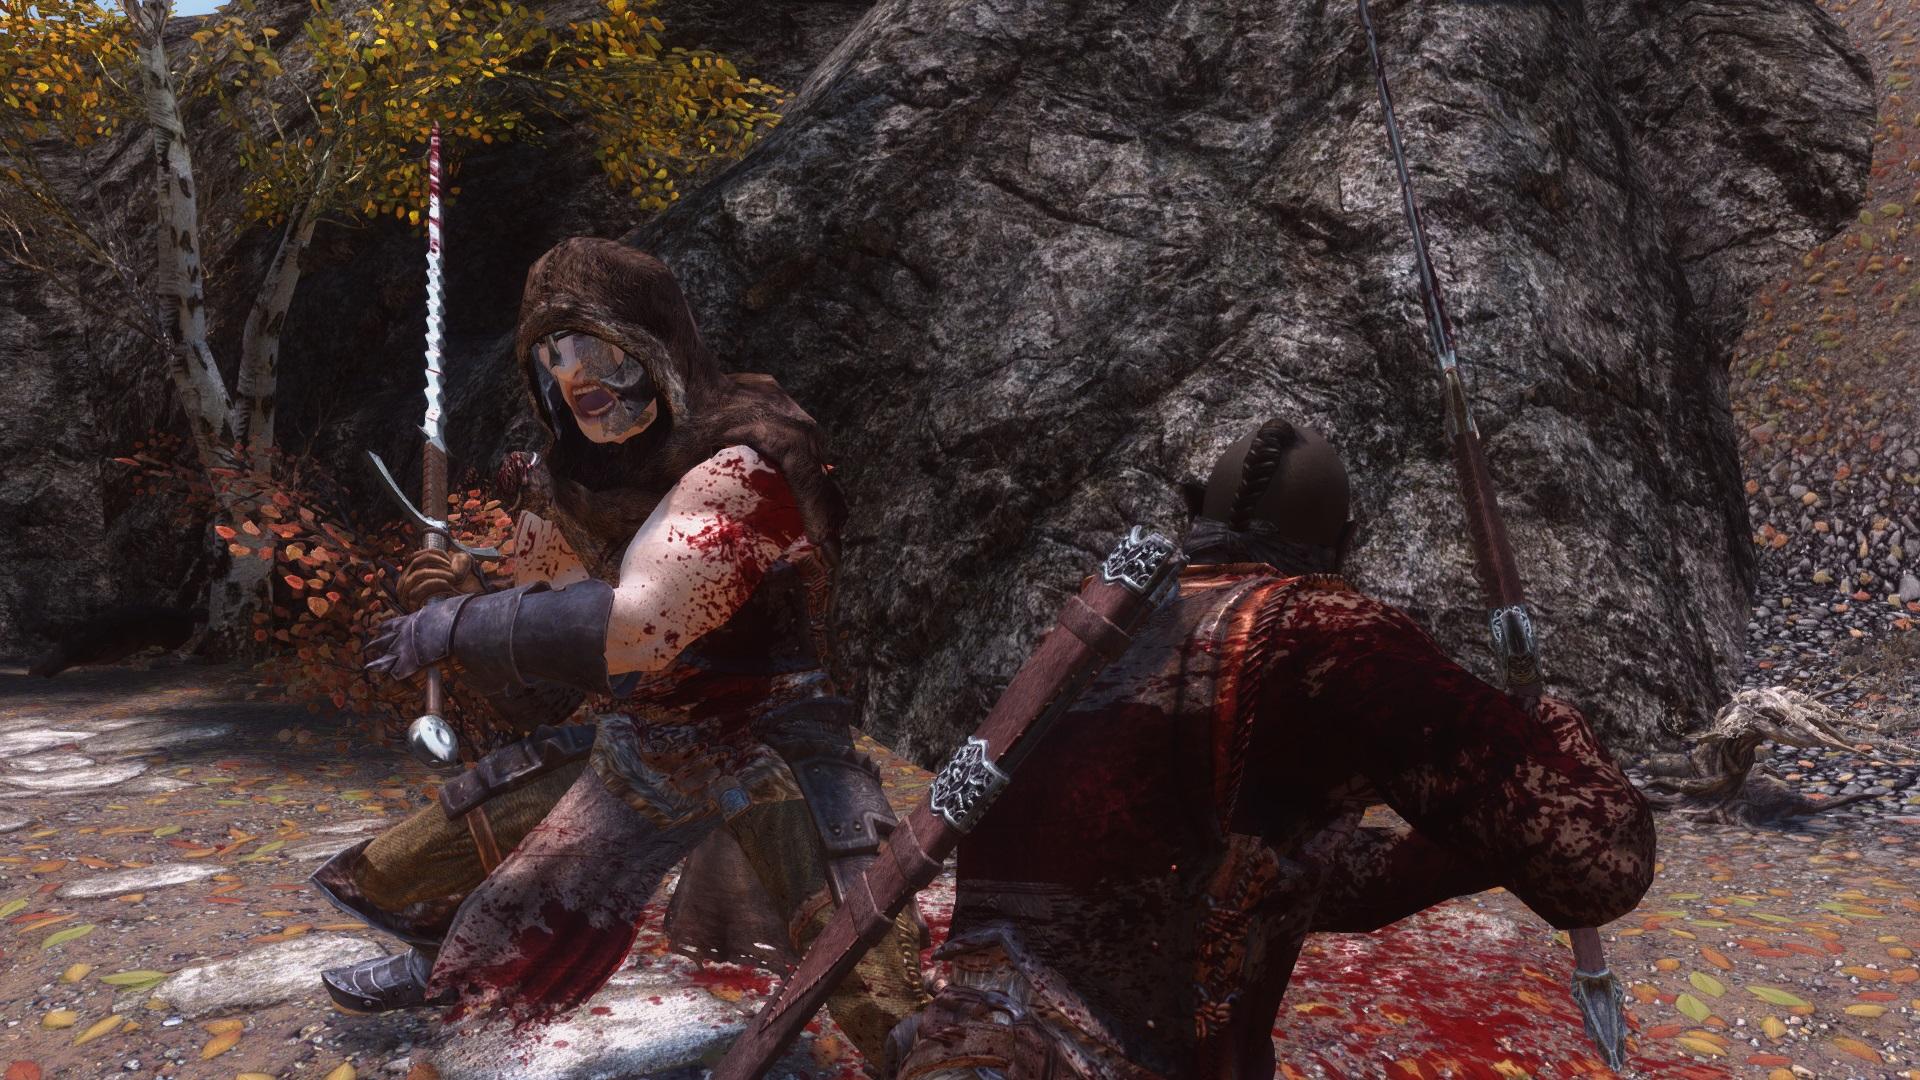 Fury - Elder Scrolls 5: Skyrim, the